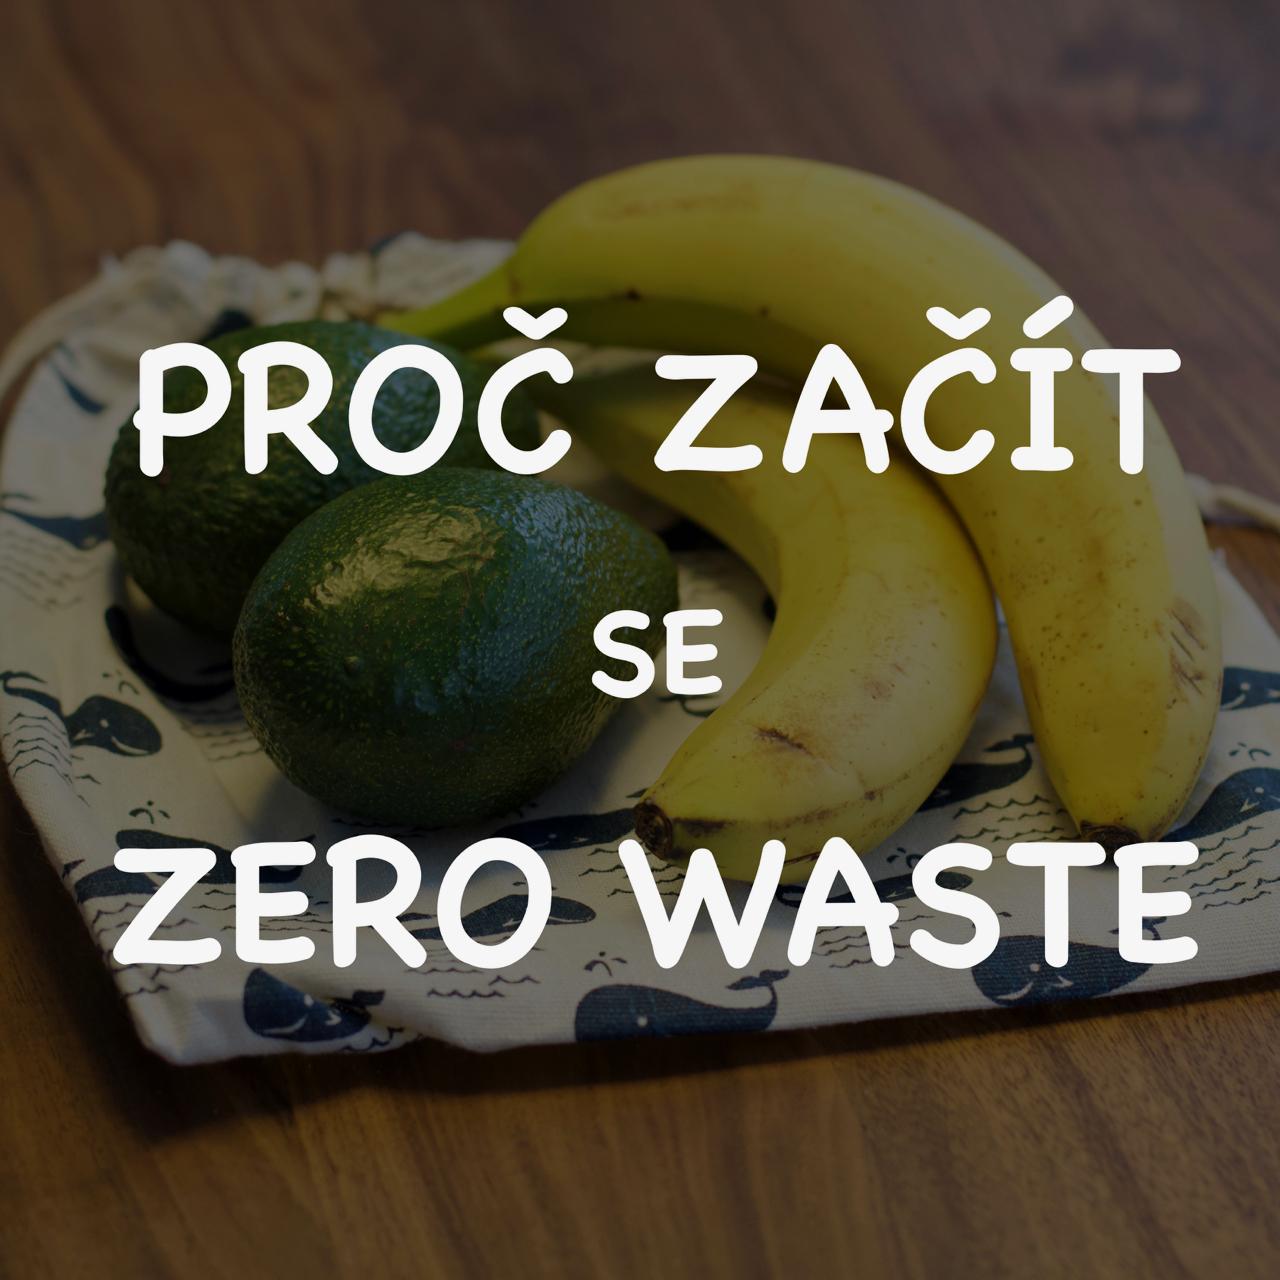 Zero waste pytlík na ovoce a zeleninu